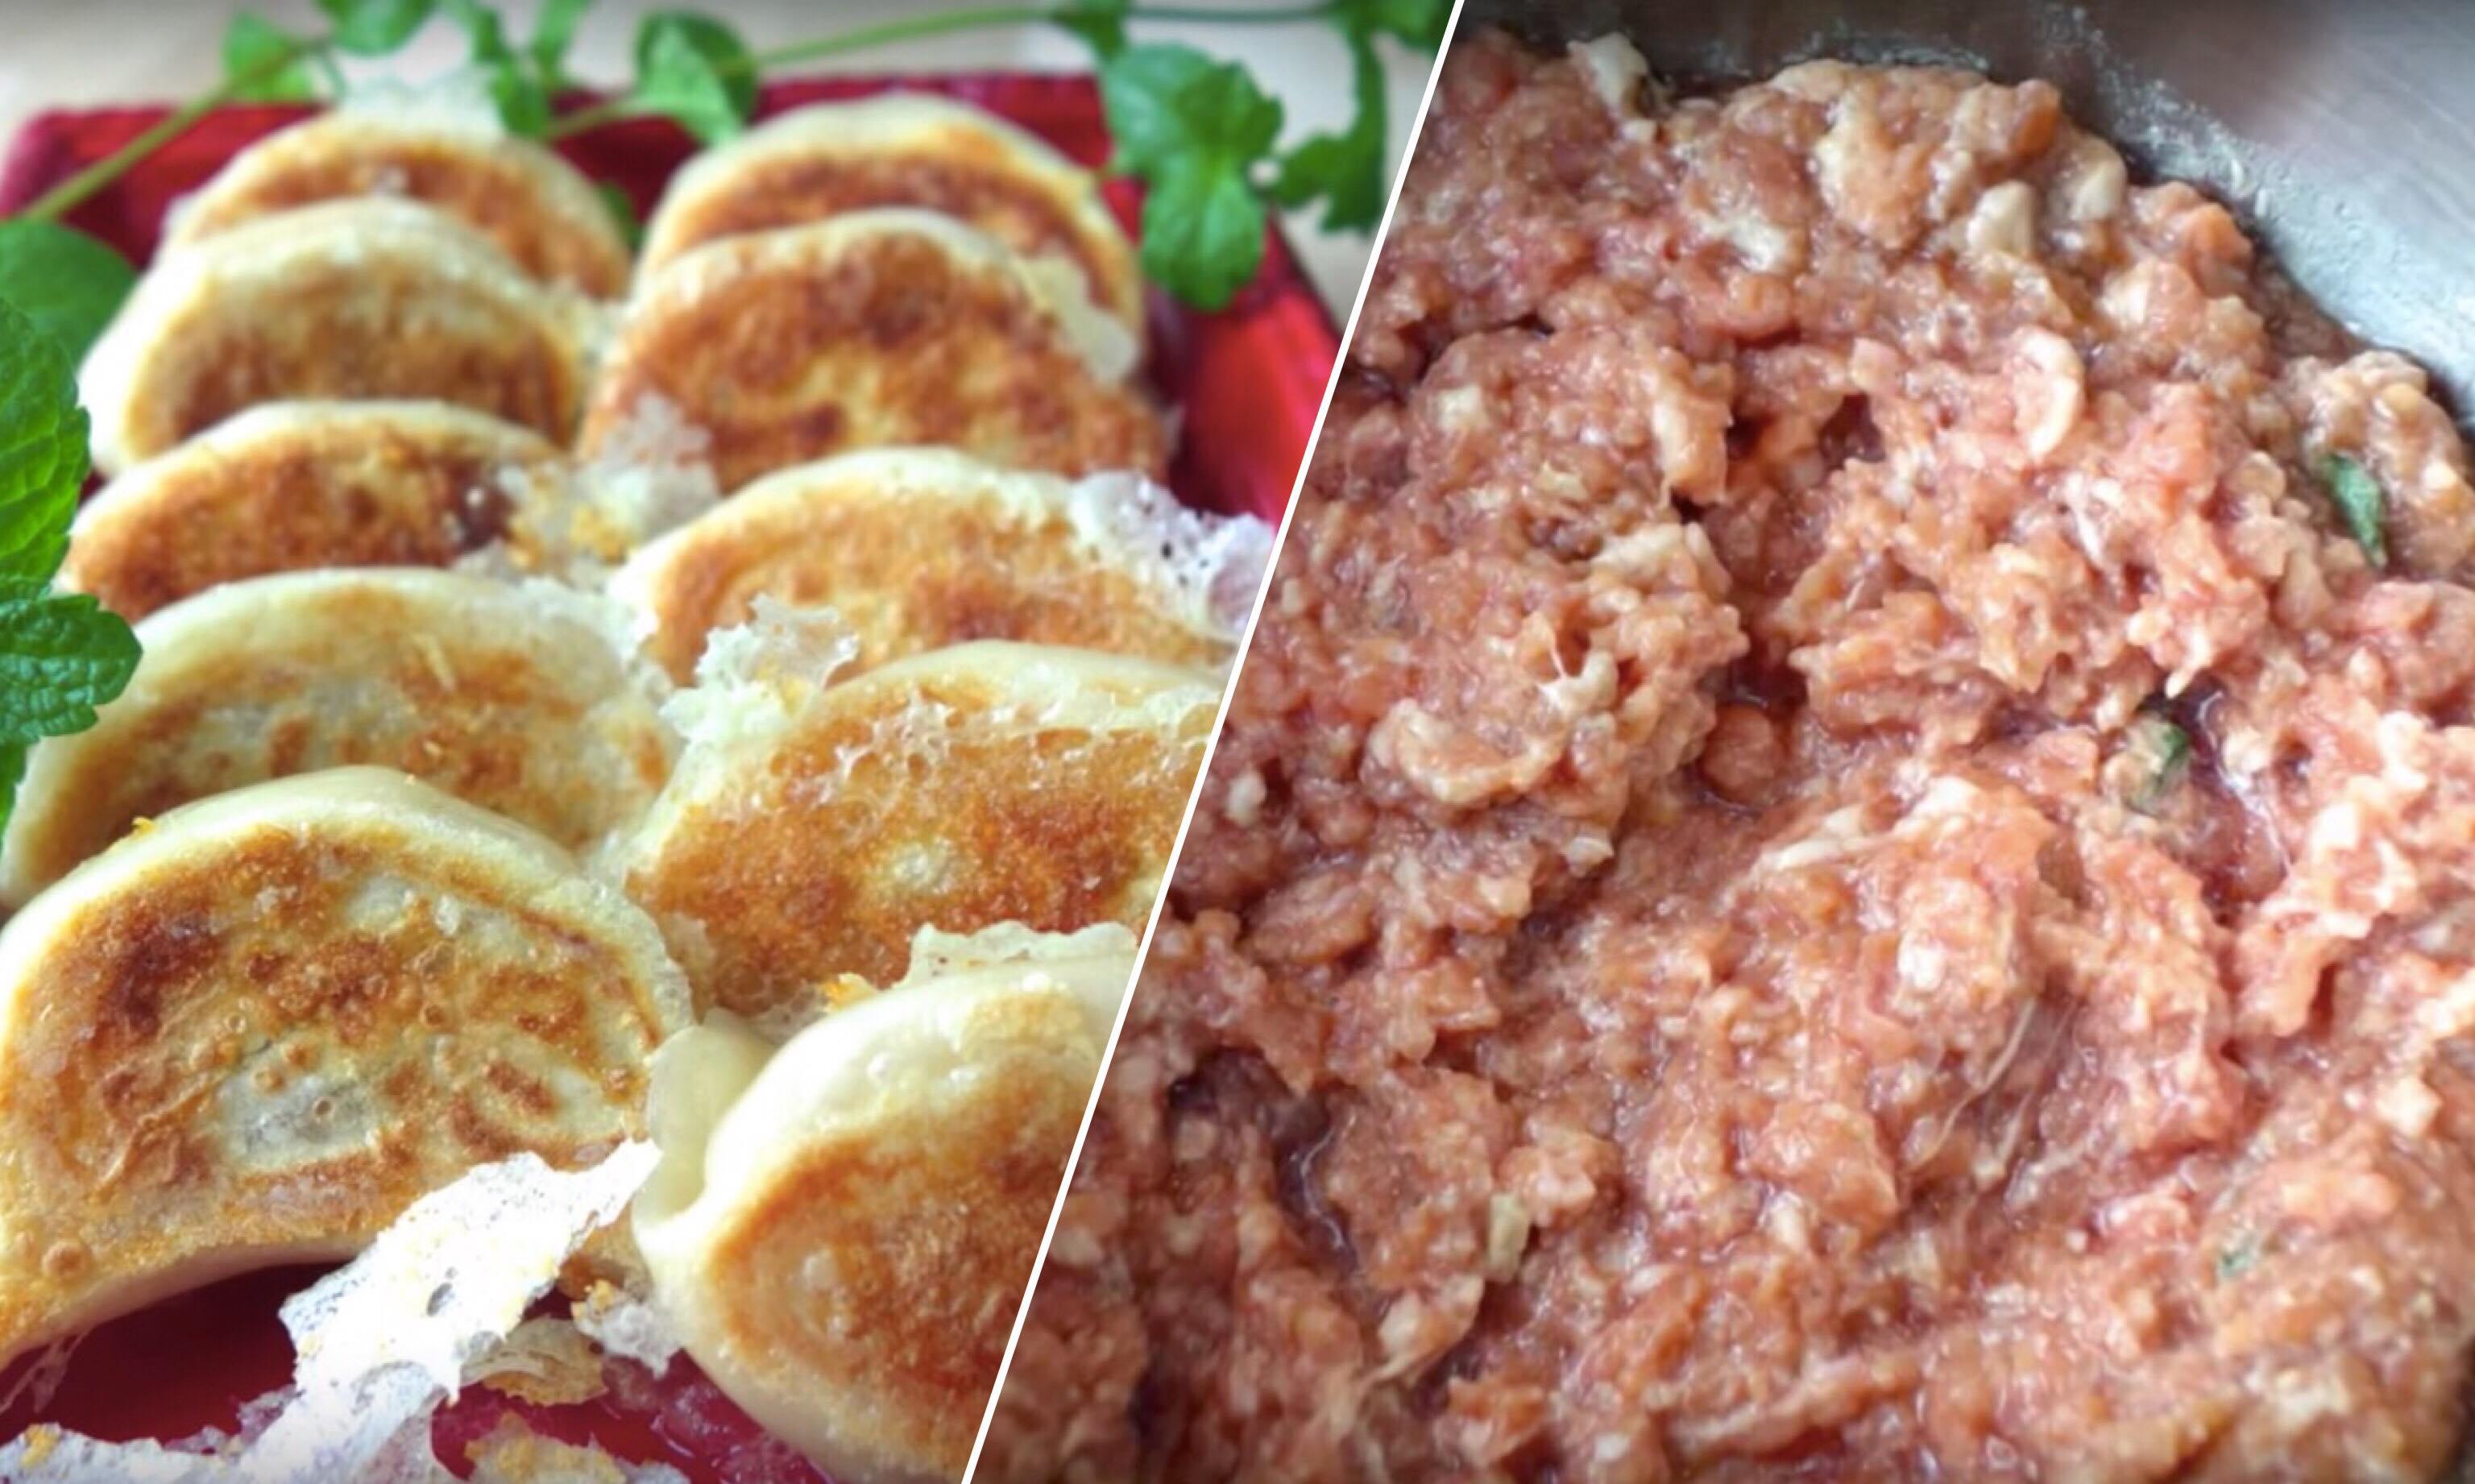 「會爆汁的日式煎餃怎麼做?」其實多汁的秘訣是肉餡的調配!